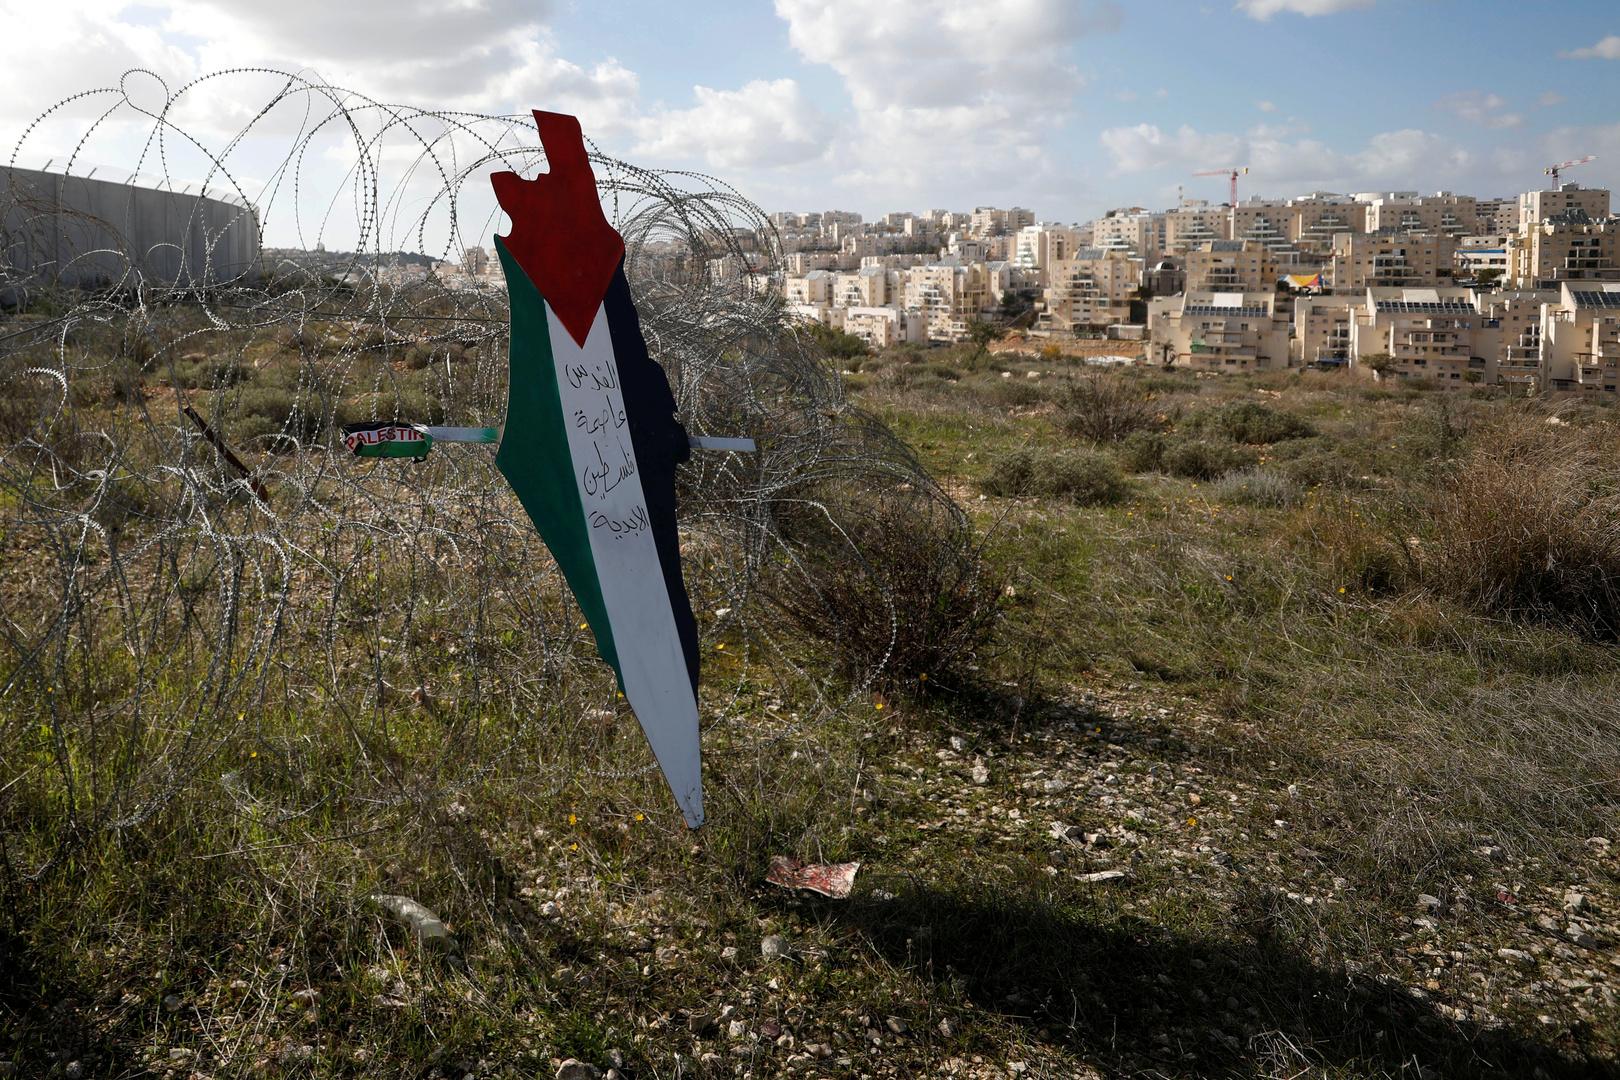 وزير إسرائيلي: حكومة نتنياهو تخطط لشرعنة عشرات المستوطنات